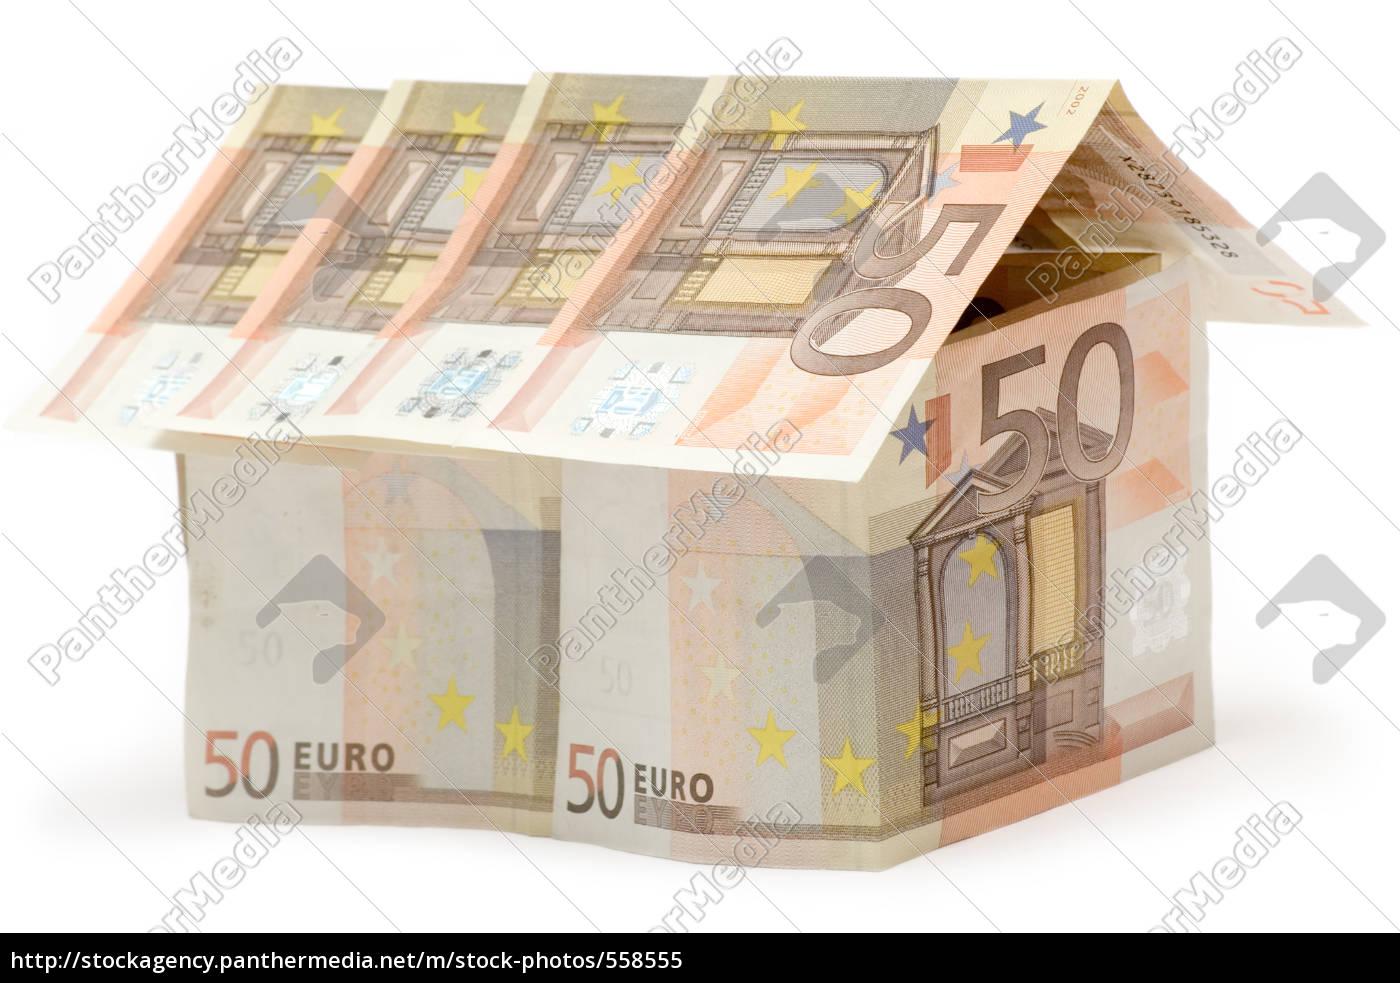 50, euro, house - 558555